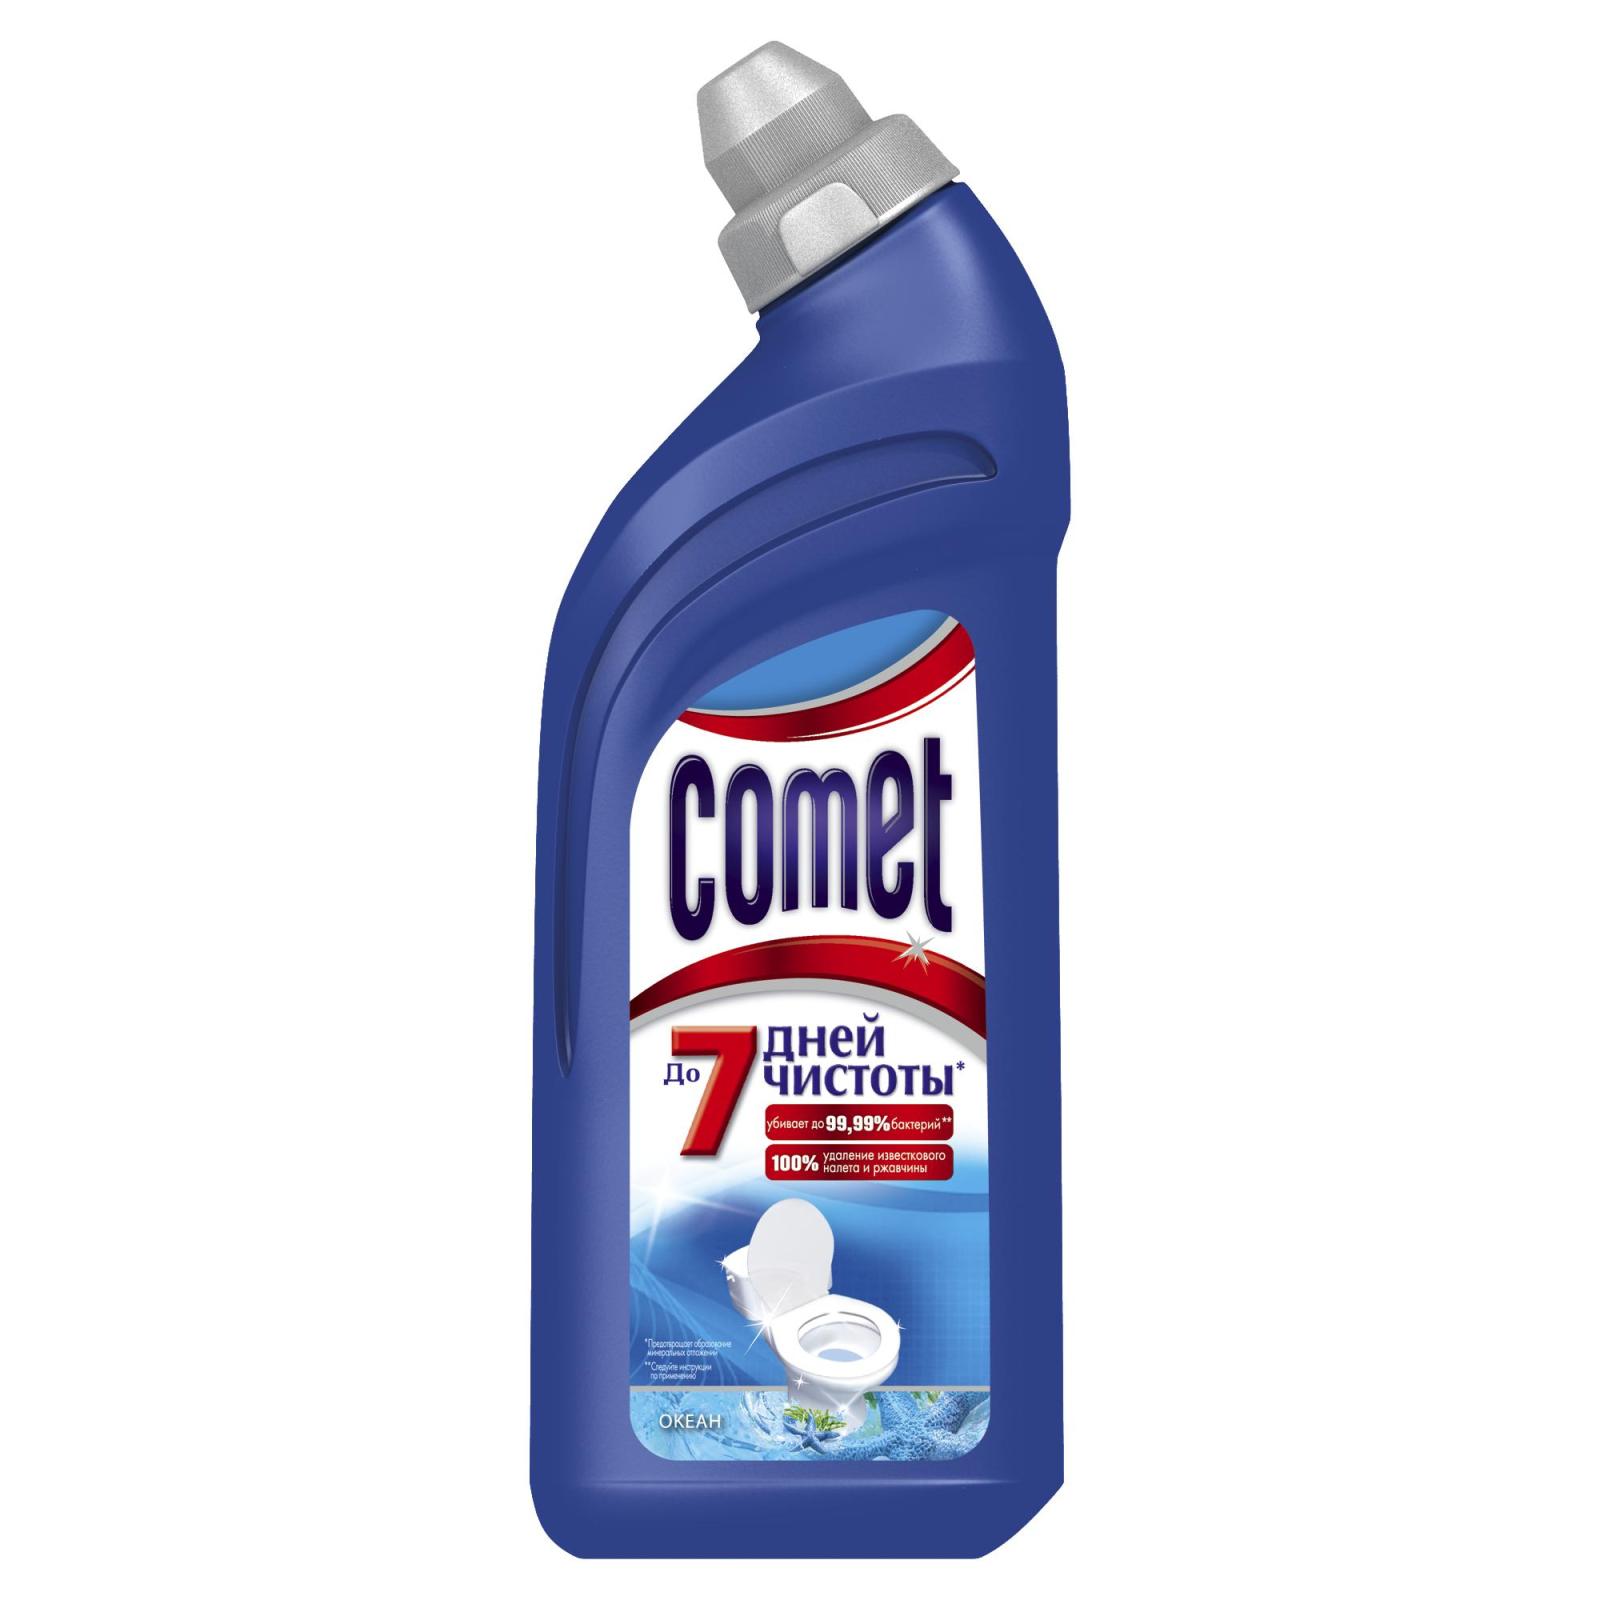 Чистящее средство Comet для туалета Океан 500 мл (5413149896451)